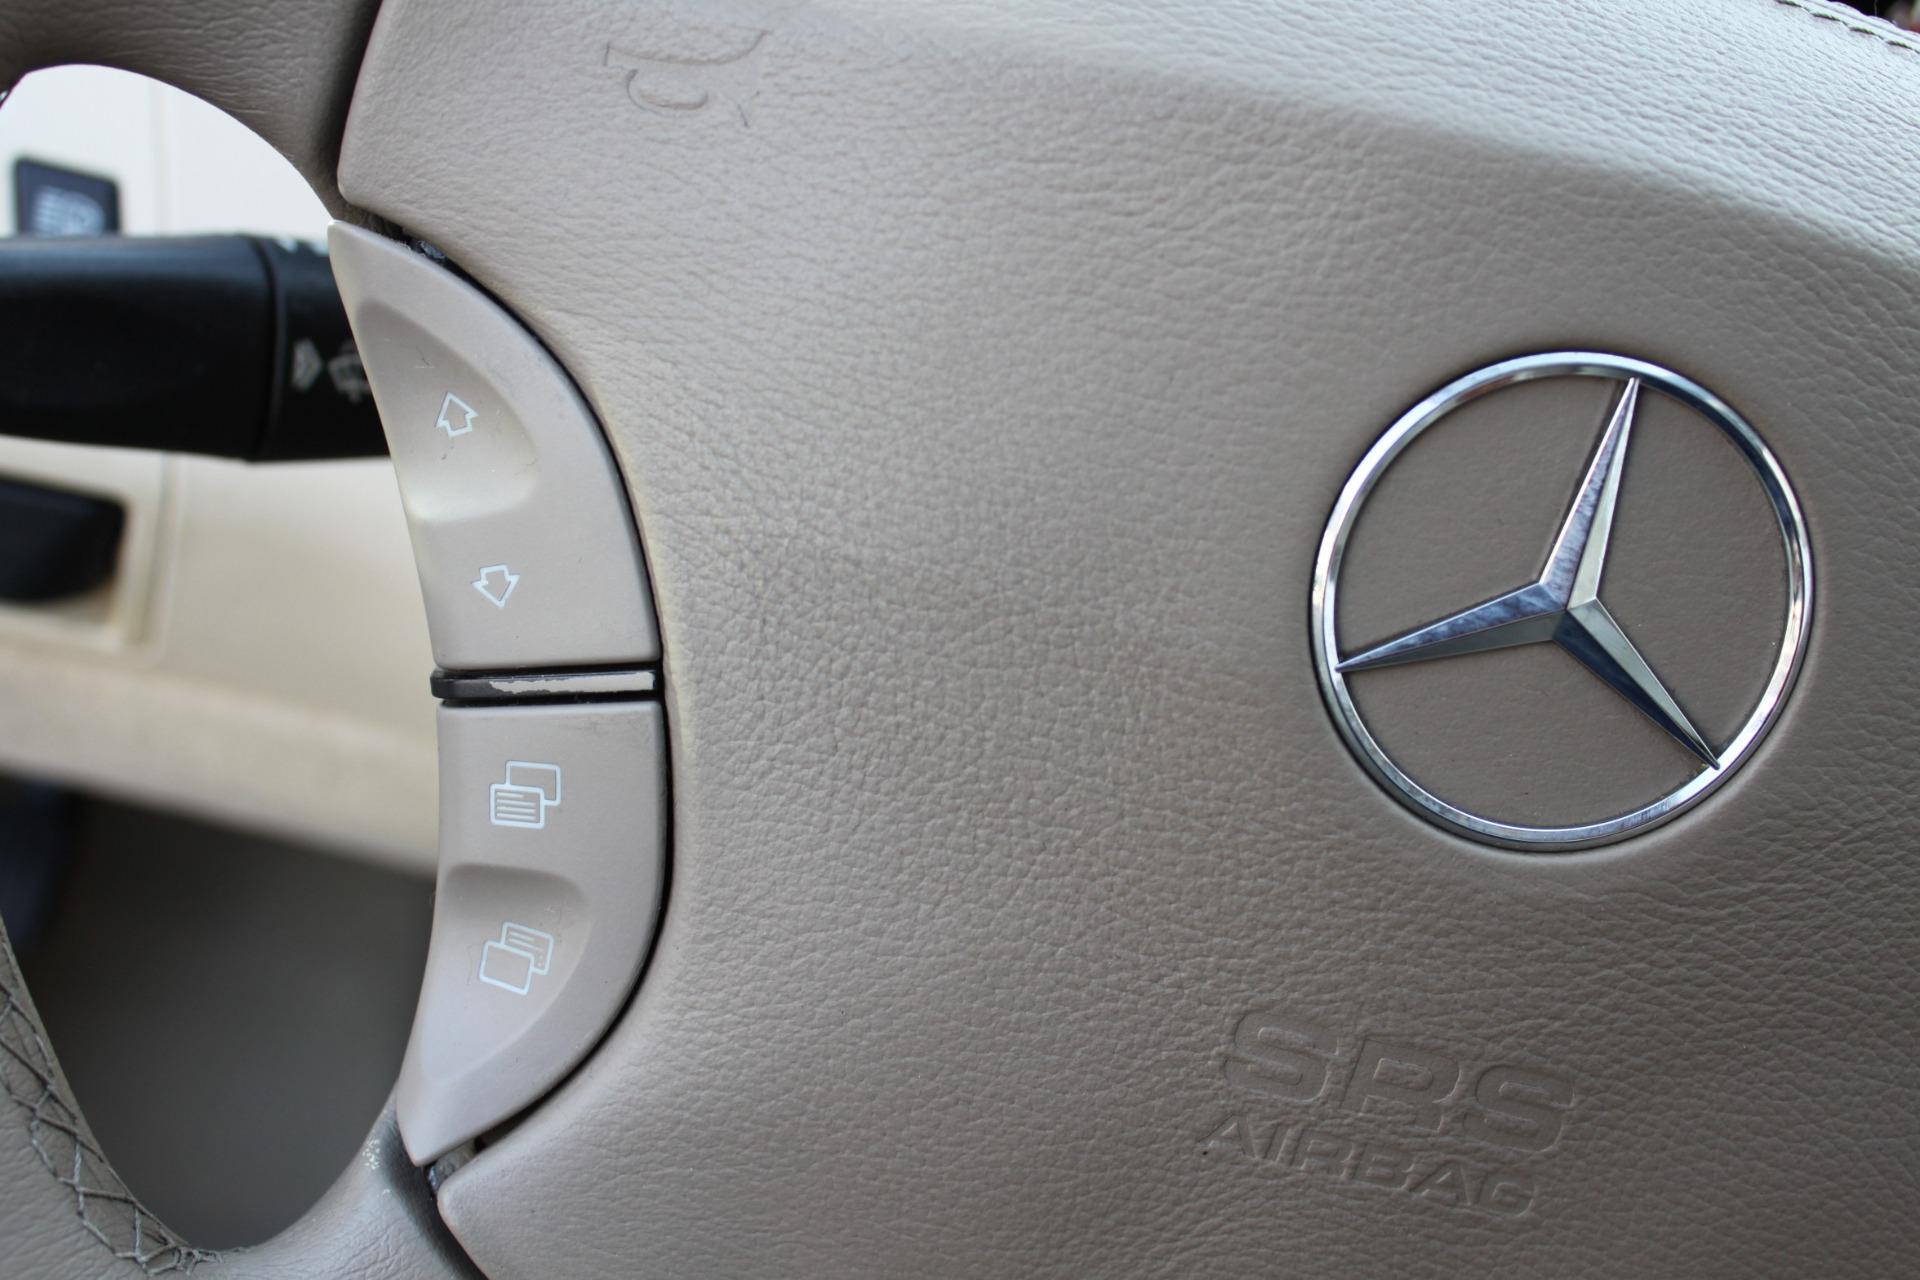 Used-2006-Mercedes-Benz-S-Class-43L-Mopar